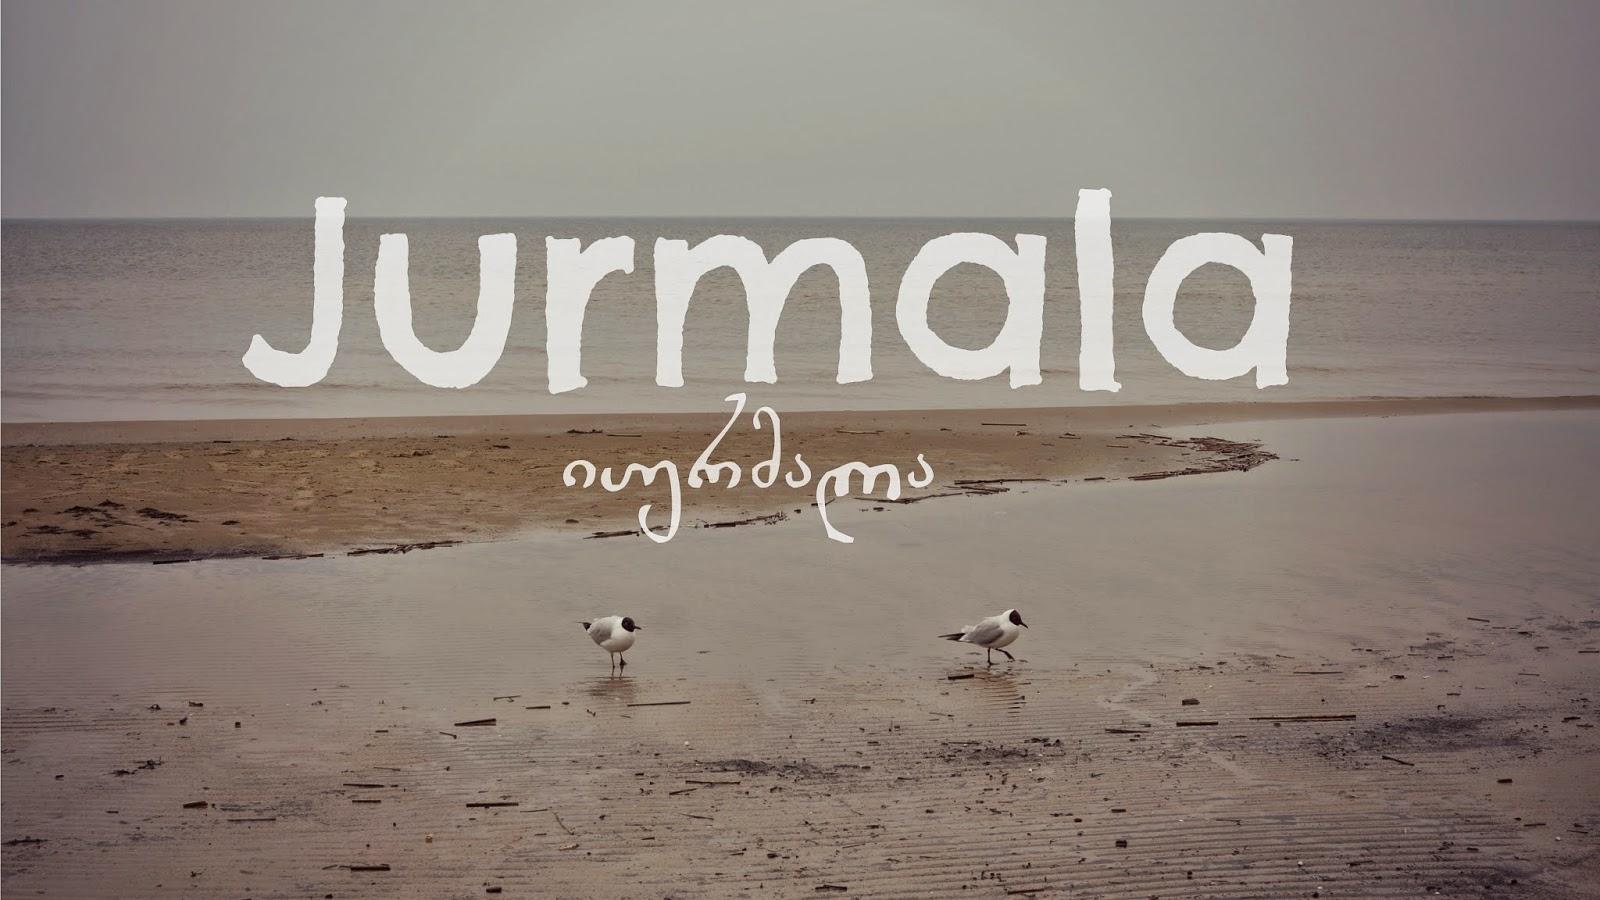 იურმალა, Jurmala, Юрмала